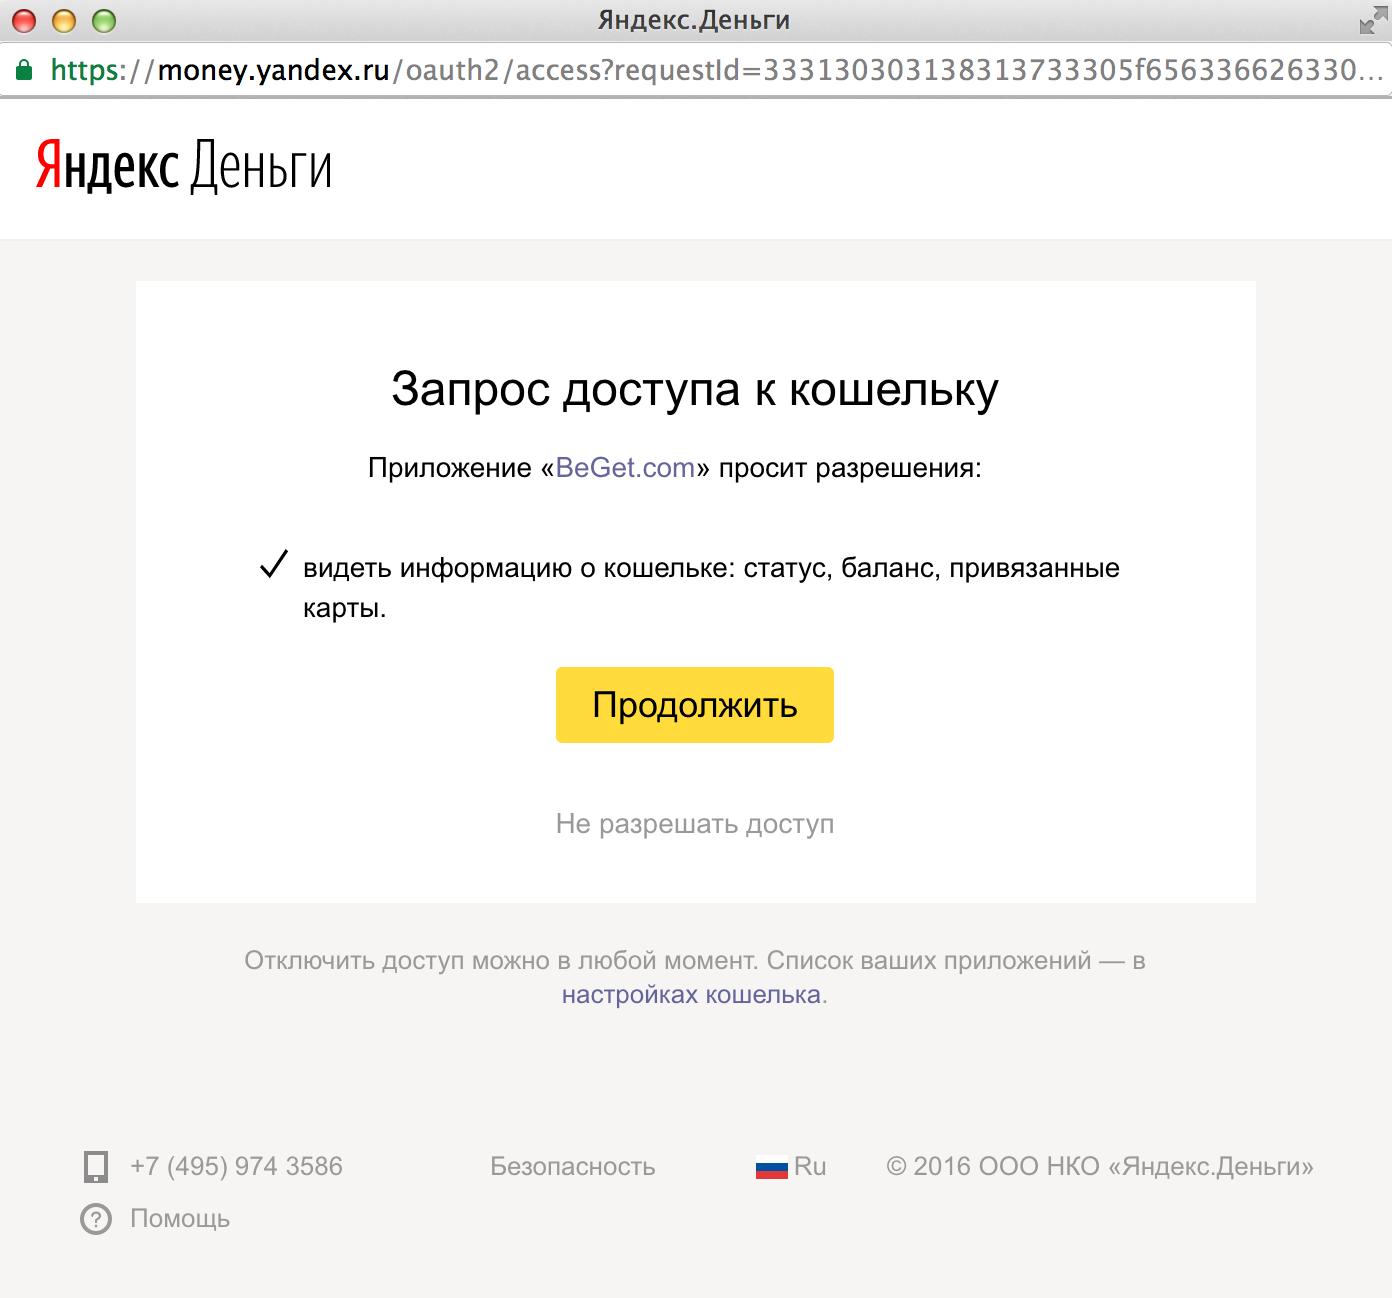 Яндекс.Деньги 3